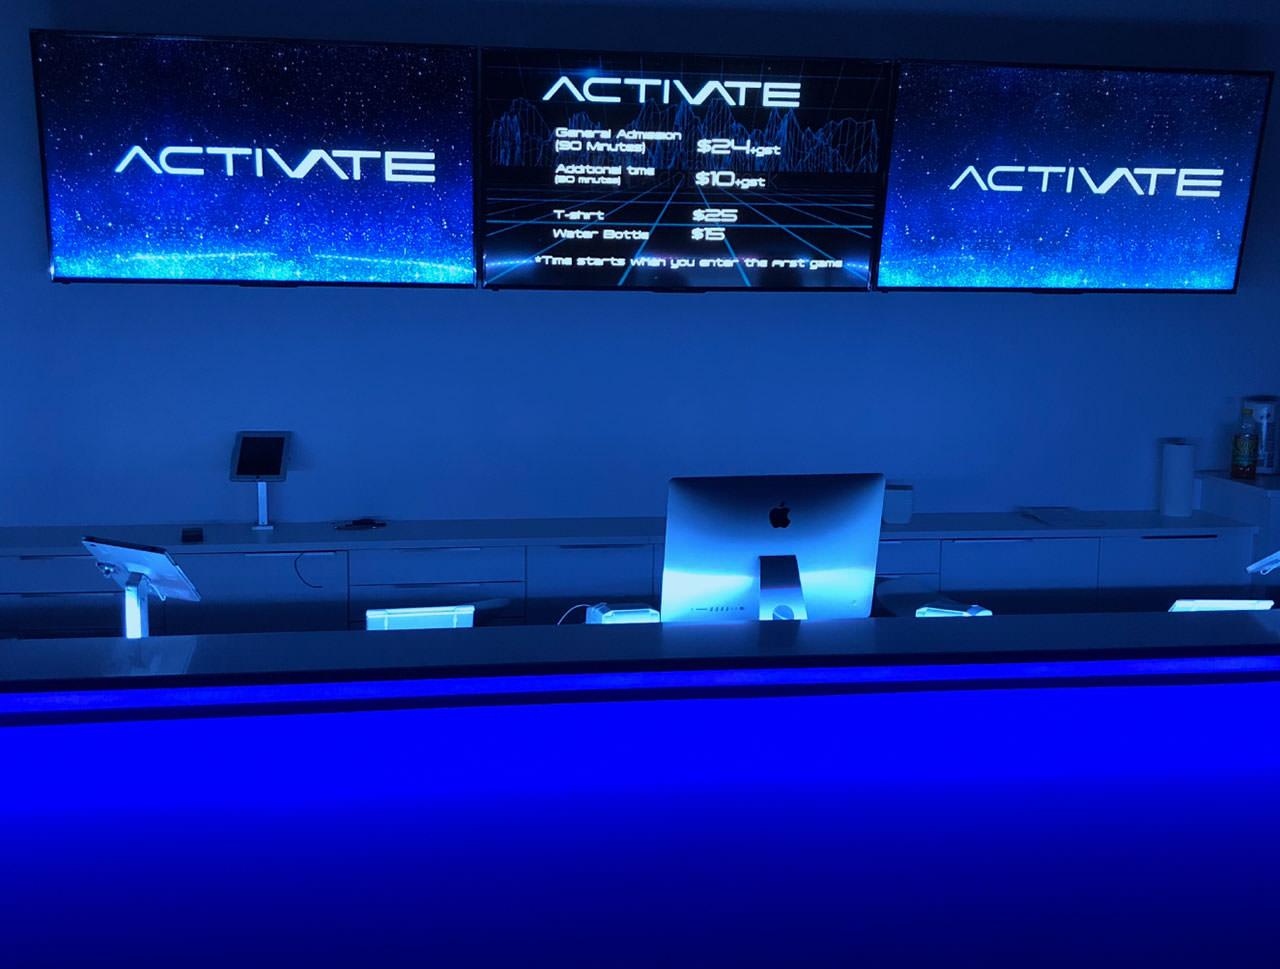 activate4.jpg